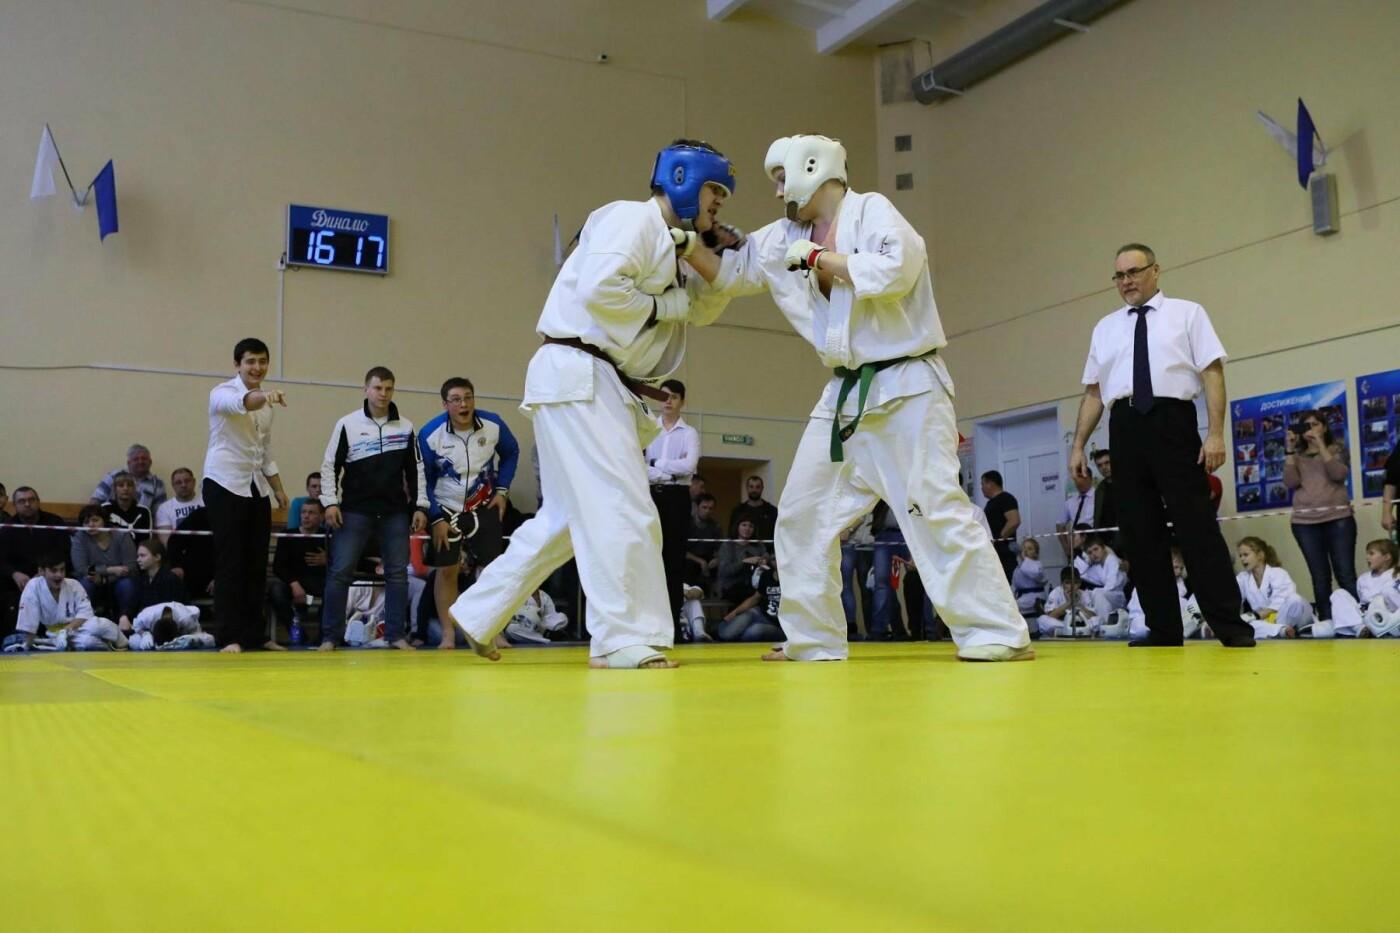 Белгородцы взяли главный кубок в межрегиональном турнире по карате, фото-8